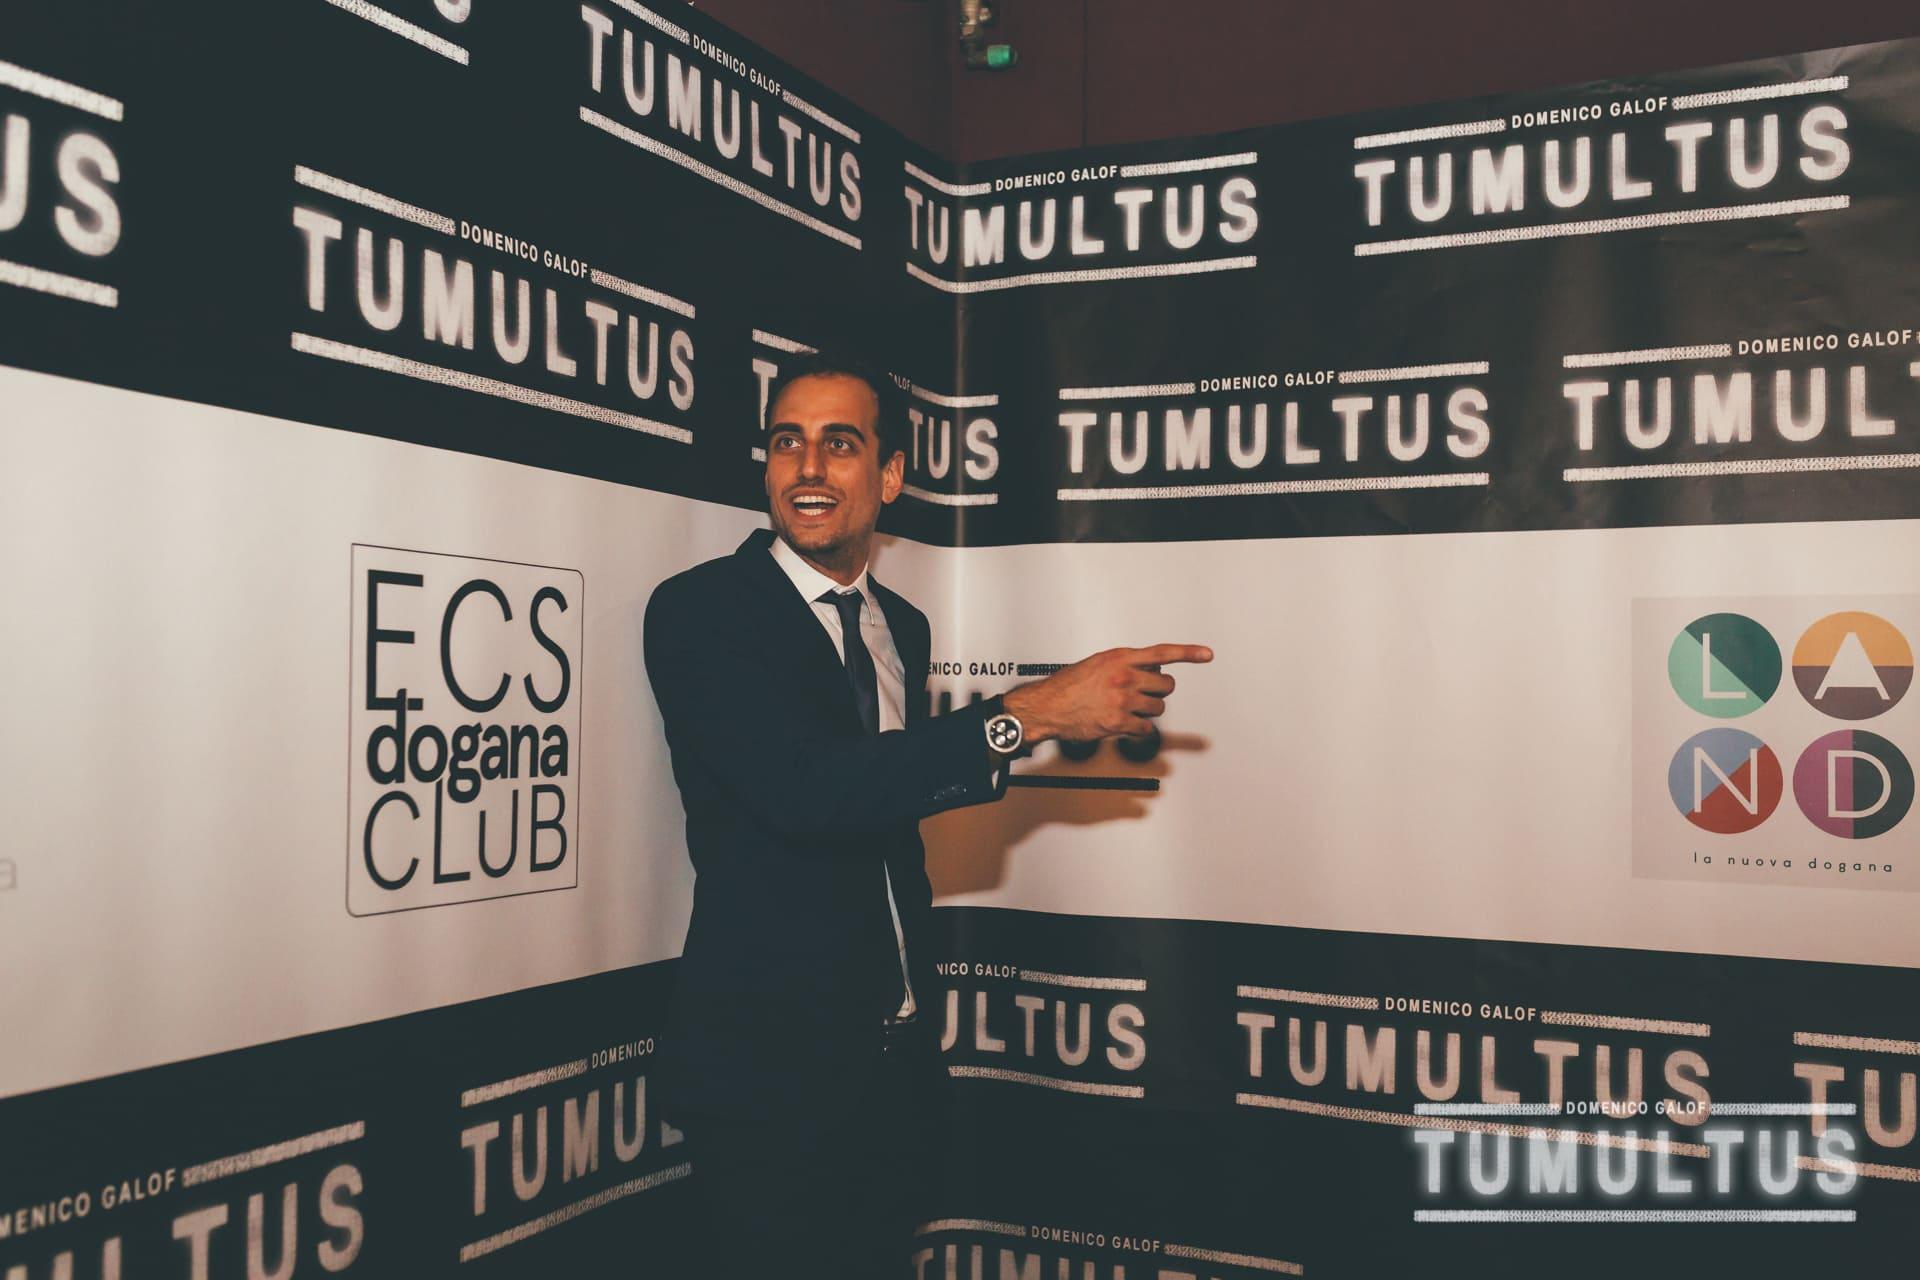 L'Origine di Tumultus (117)